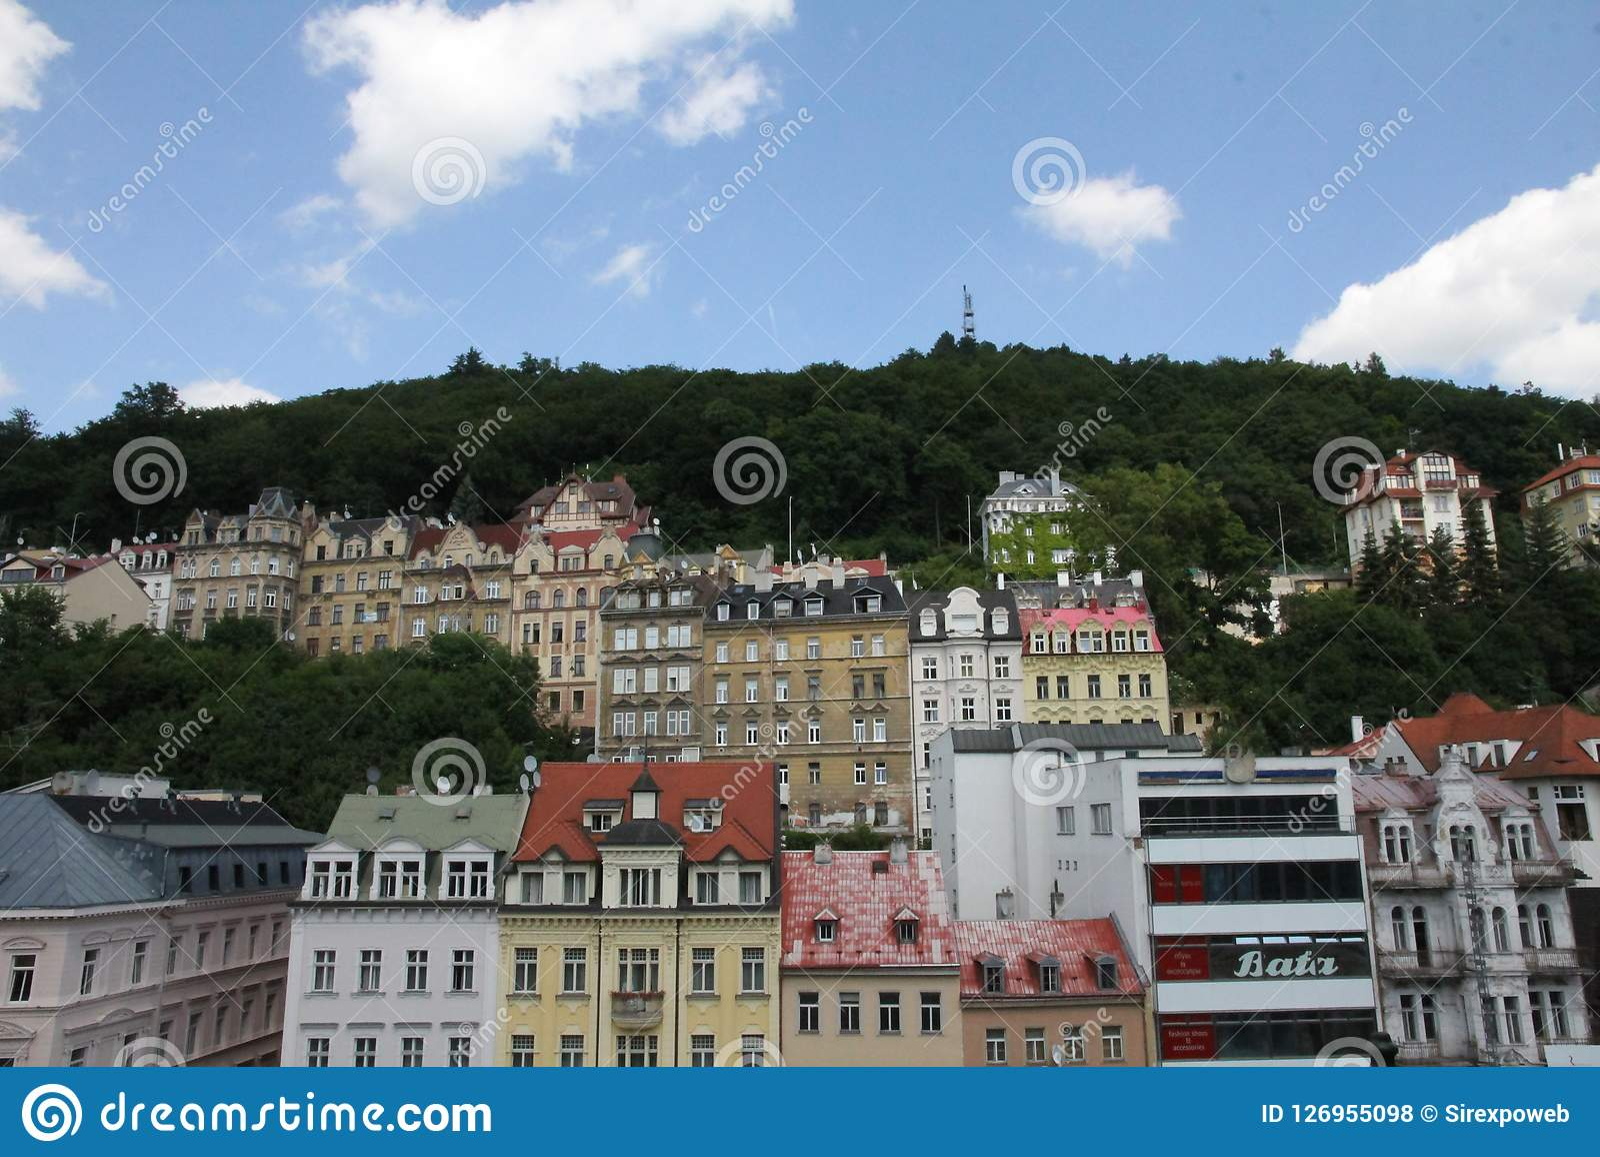 Karlovy Vary oder Karlsbad in West-Böhmen, Tschechische Republik